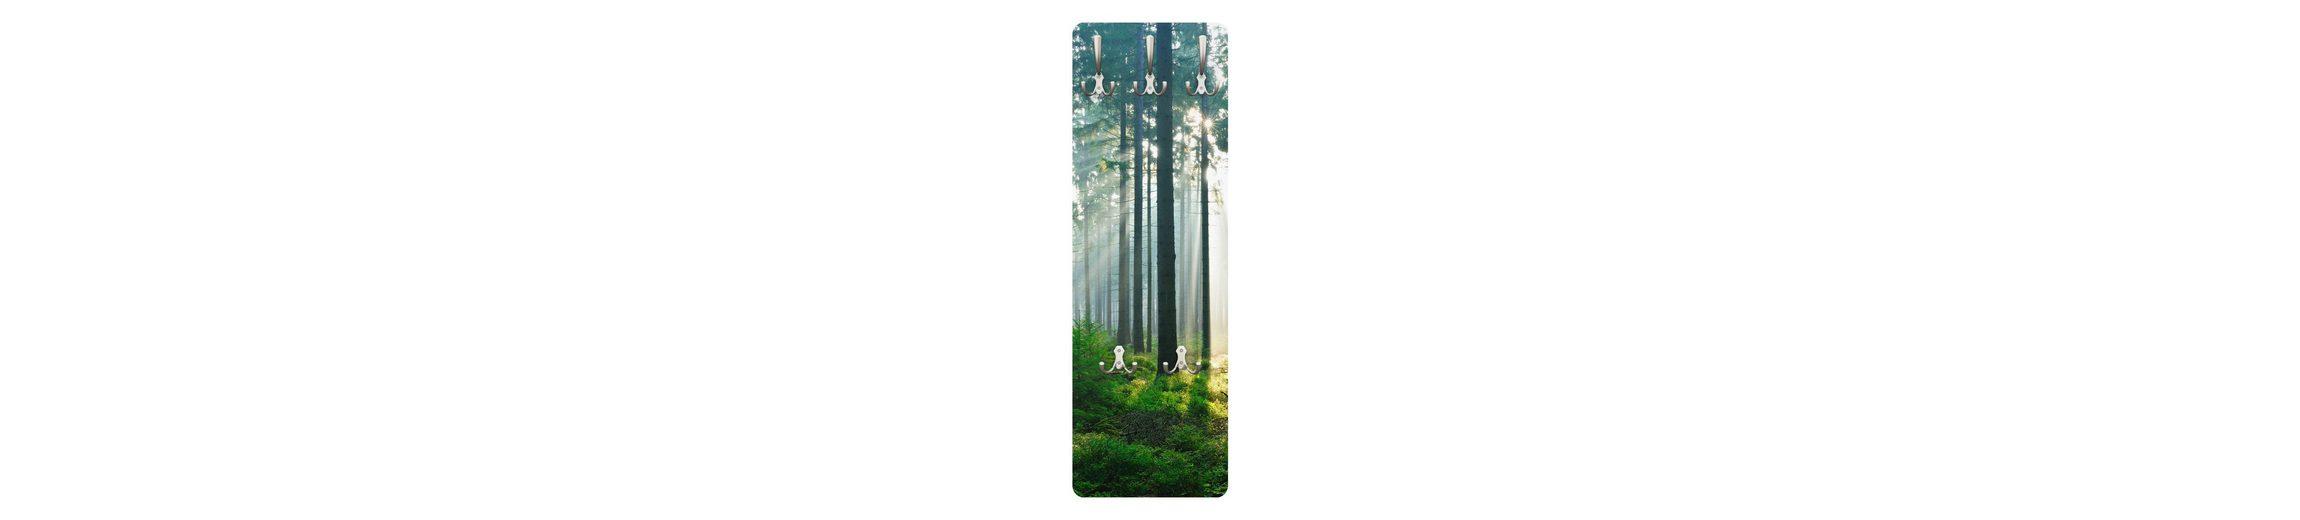 Bilderwelten Wandgarderobe 139x46x2cm »Enlightened Forest«